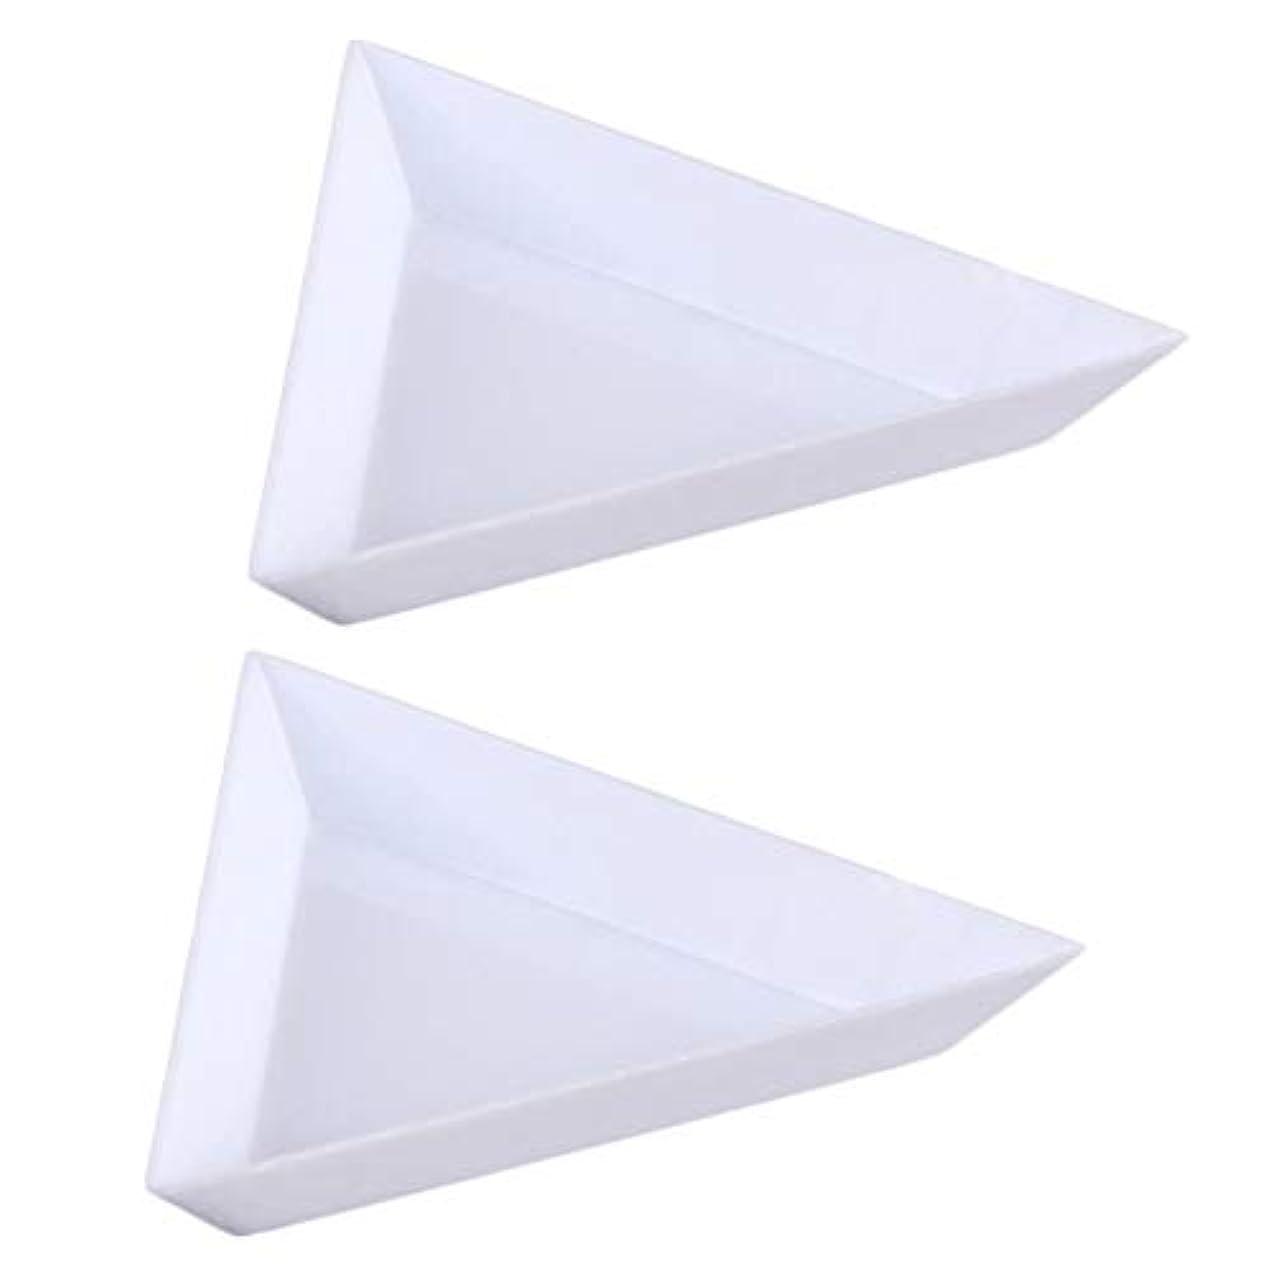 メロンアイドルメアリアンジョーンズCUHAWUDBA 10個三角コーナープラスチックラインストーンビーズ 結晶 ネイルアートソーティングトレイアクセサリー白 DiyネイルアートデコレーションDotting収納トレイ オーガニゼーションに最適